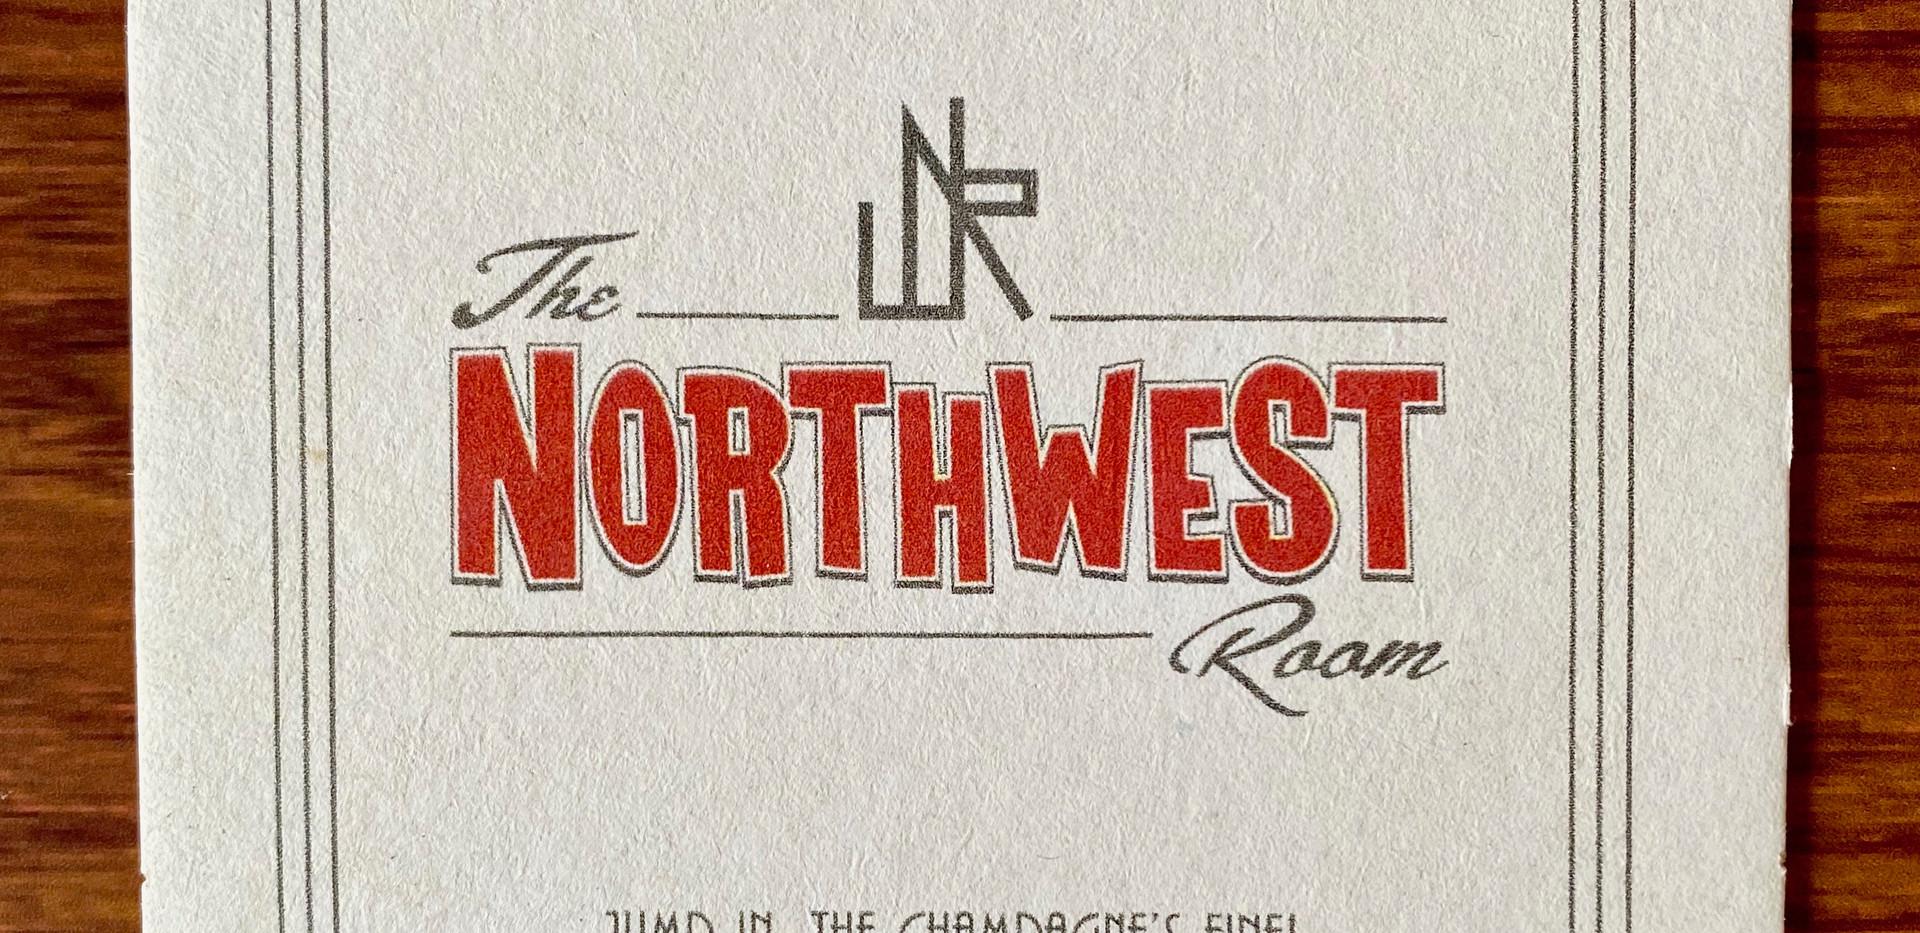 NorthwestCoaster.jpeg